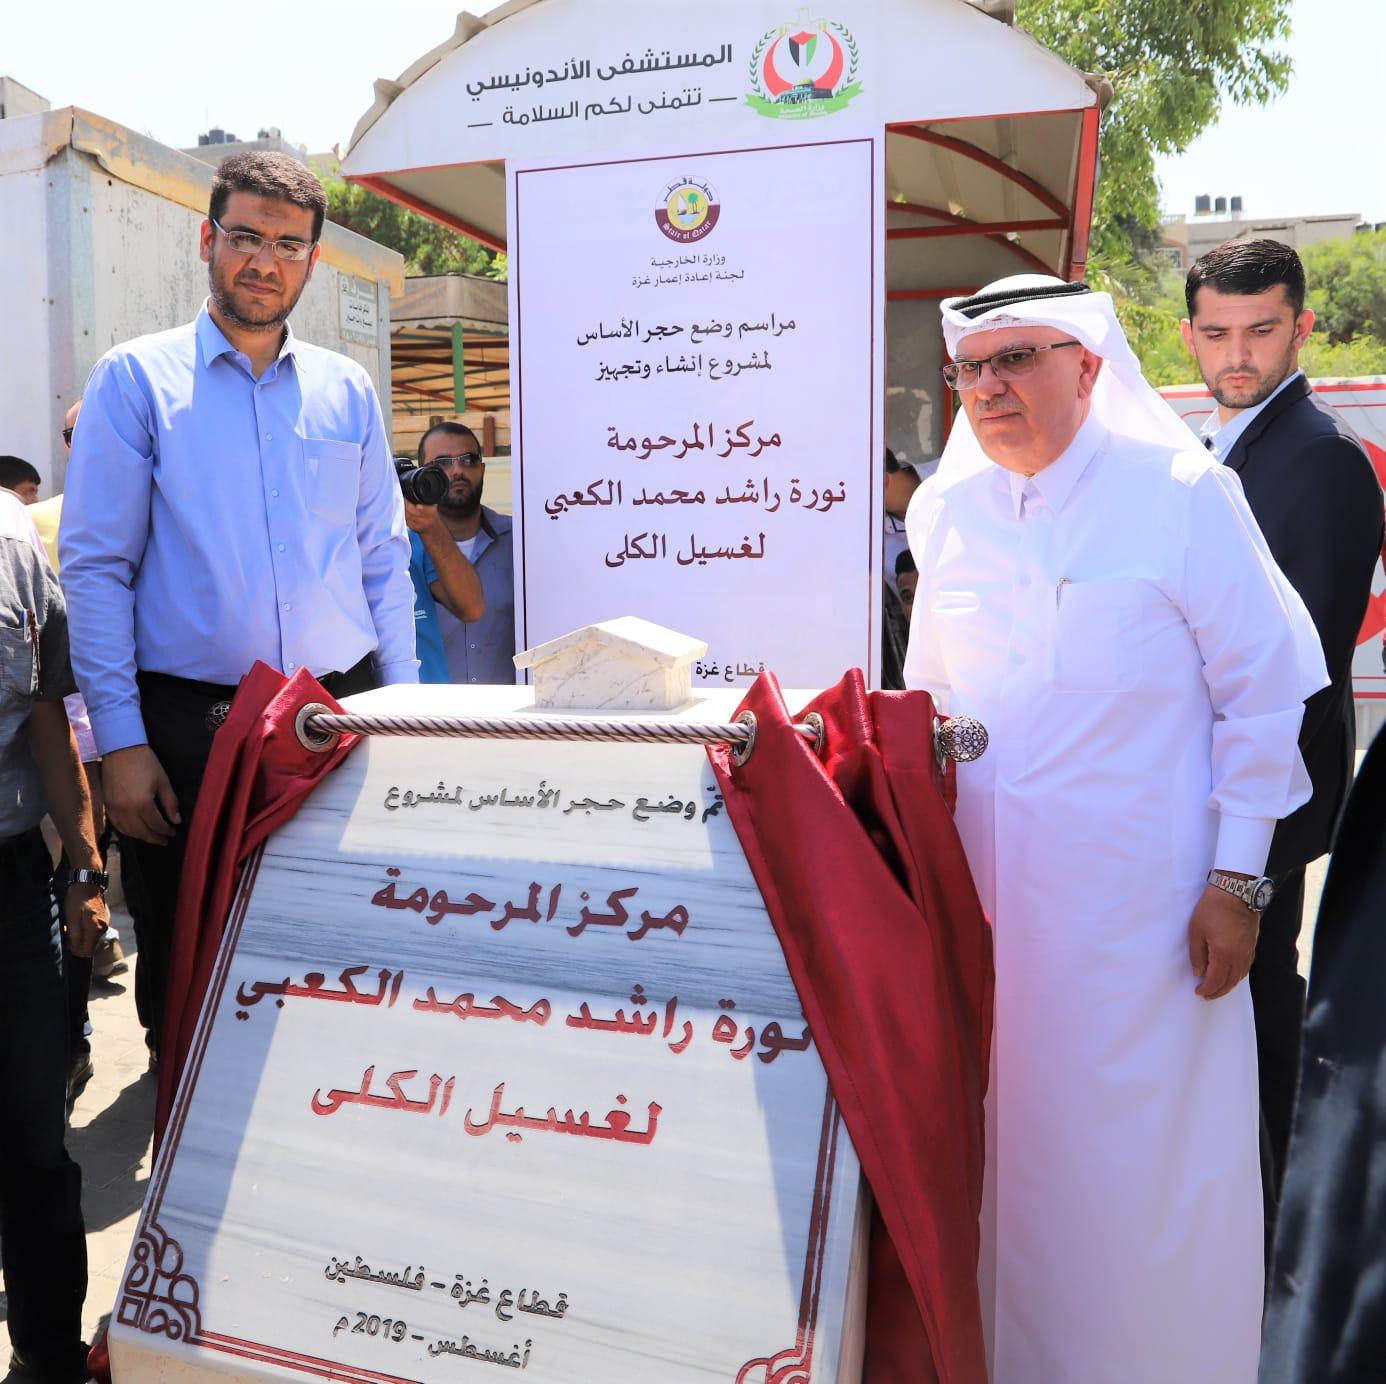 وزارة الصحة واللجنة القطرية لاعمار غزة يضعان حجر الأساس لمشروع مركز غسيل الكلى شمال قطاع غزة